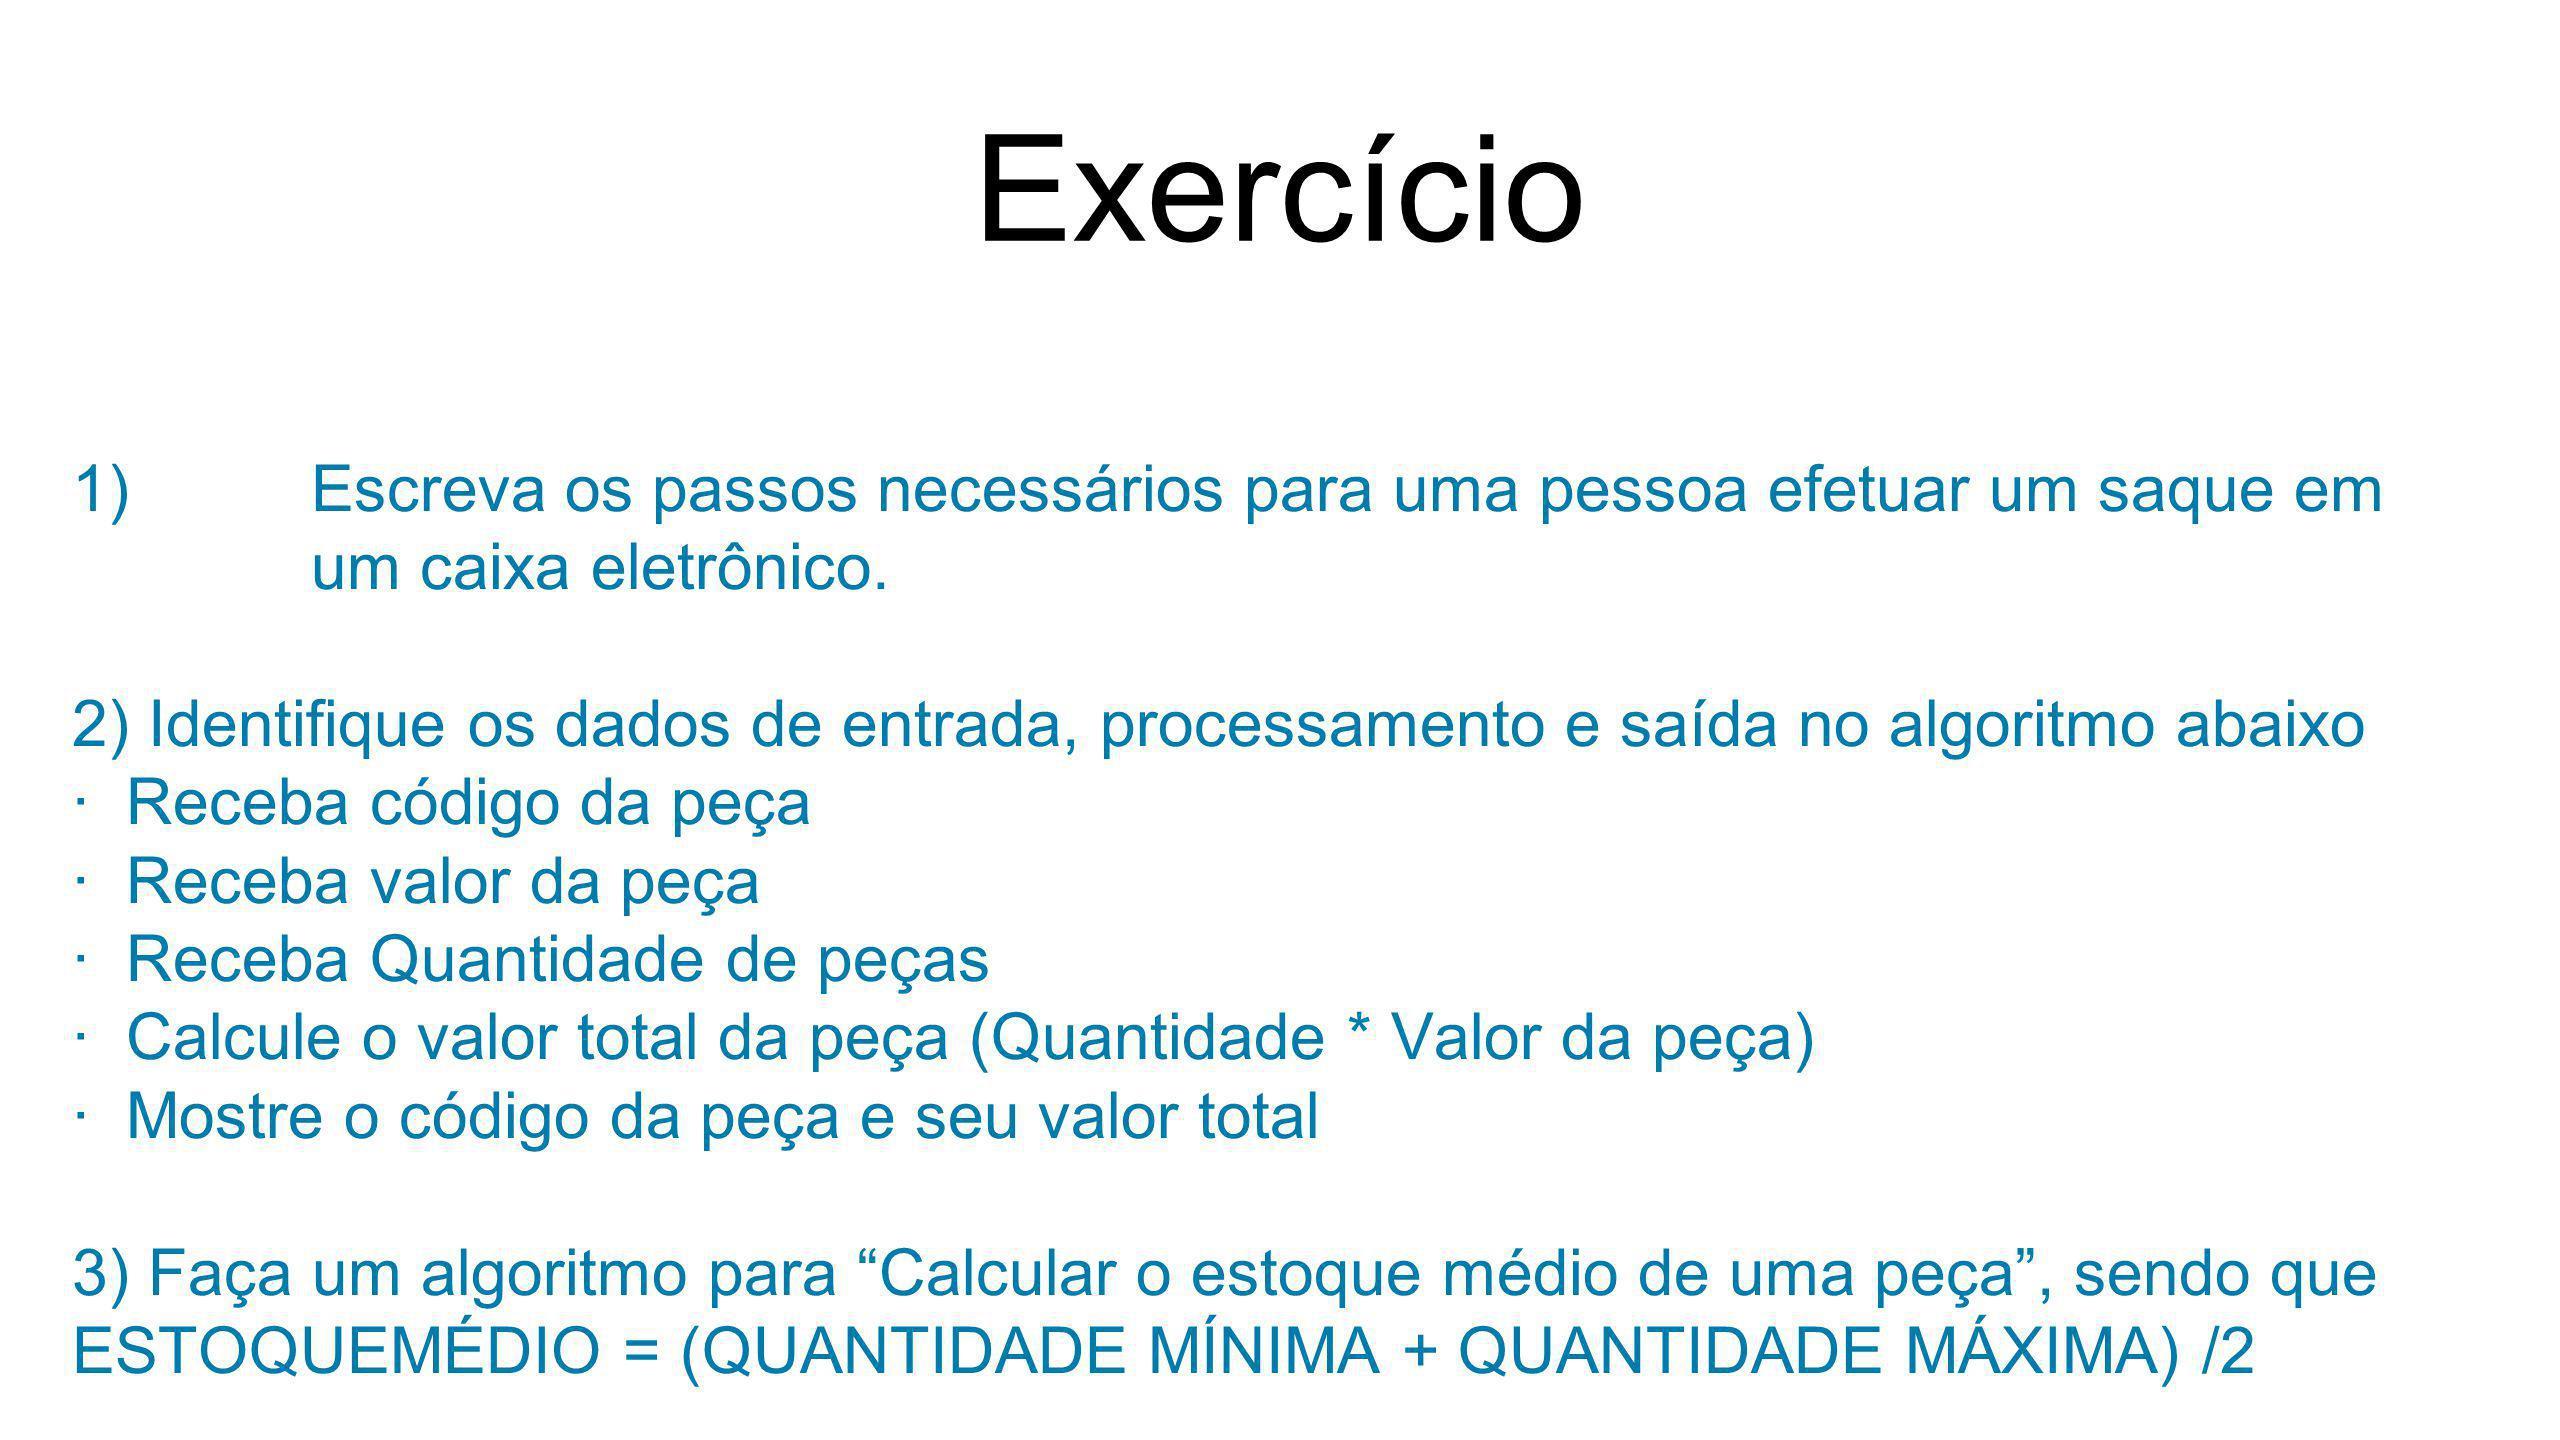 Exercício Escreva os passos necessários para uma pessoa efetuar um saque em um caixa eletrônico.